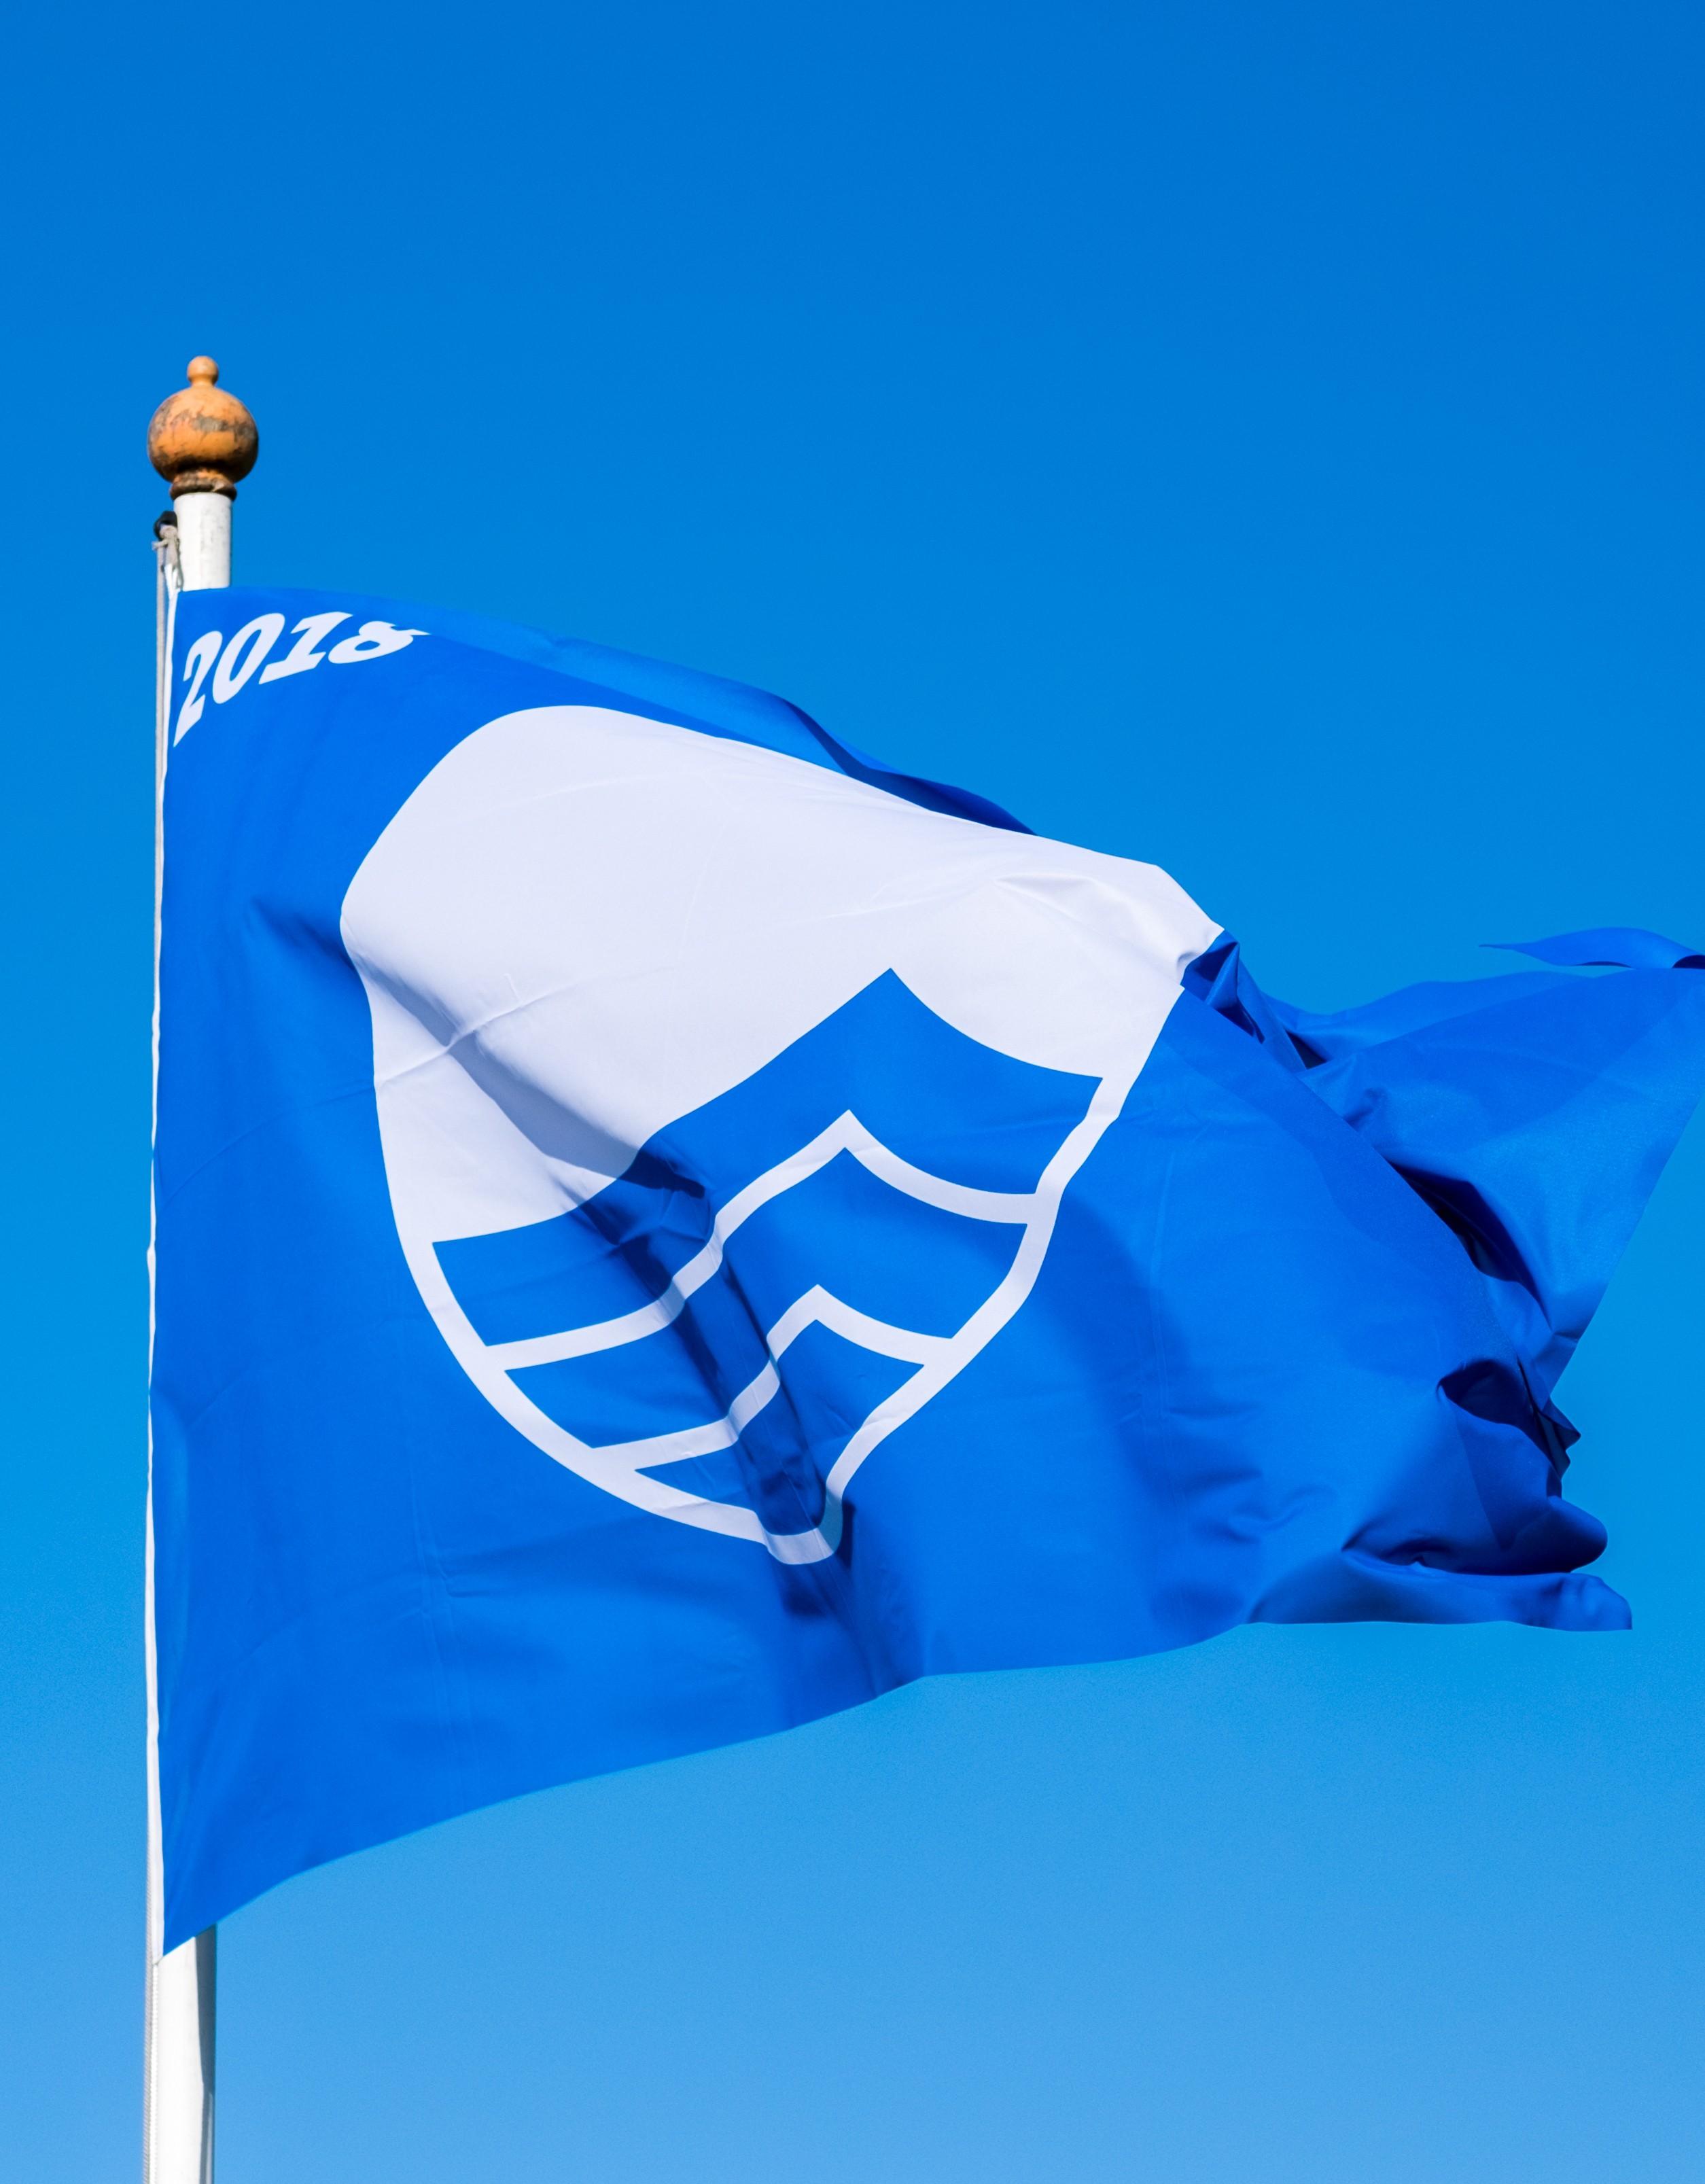 blauwevlag-2.jpg